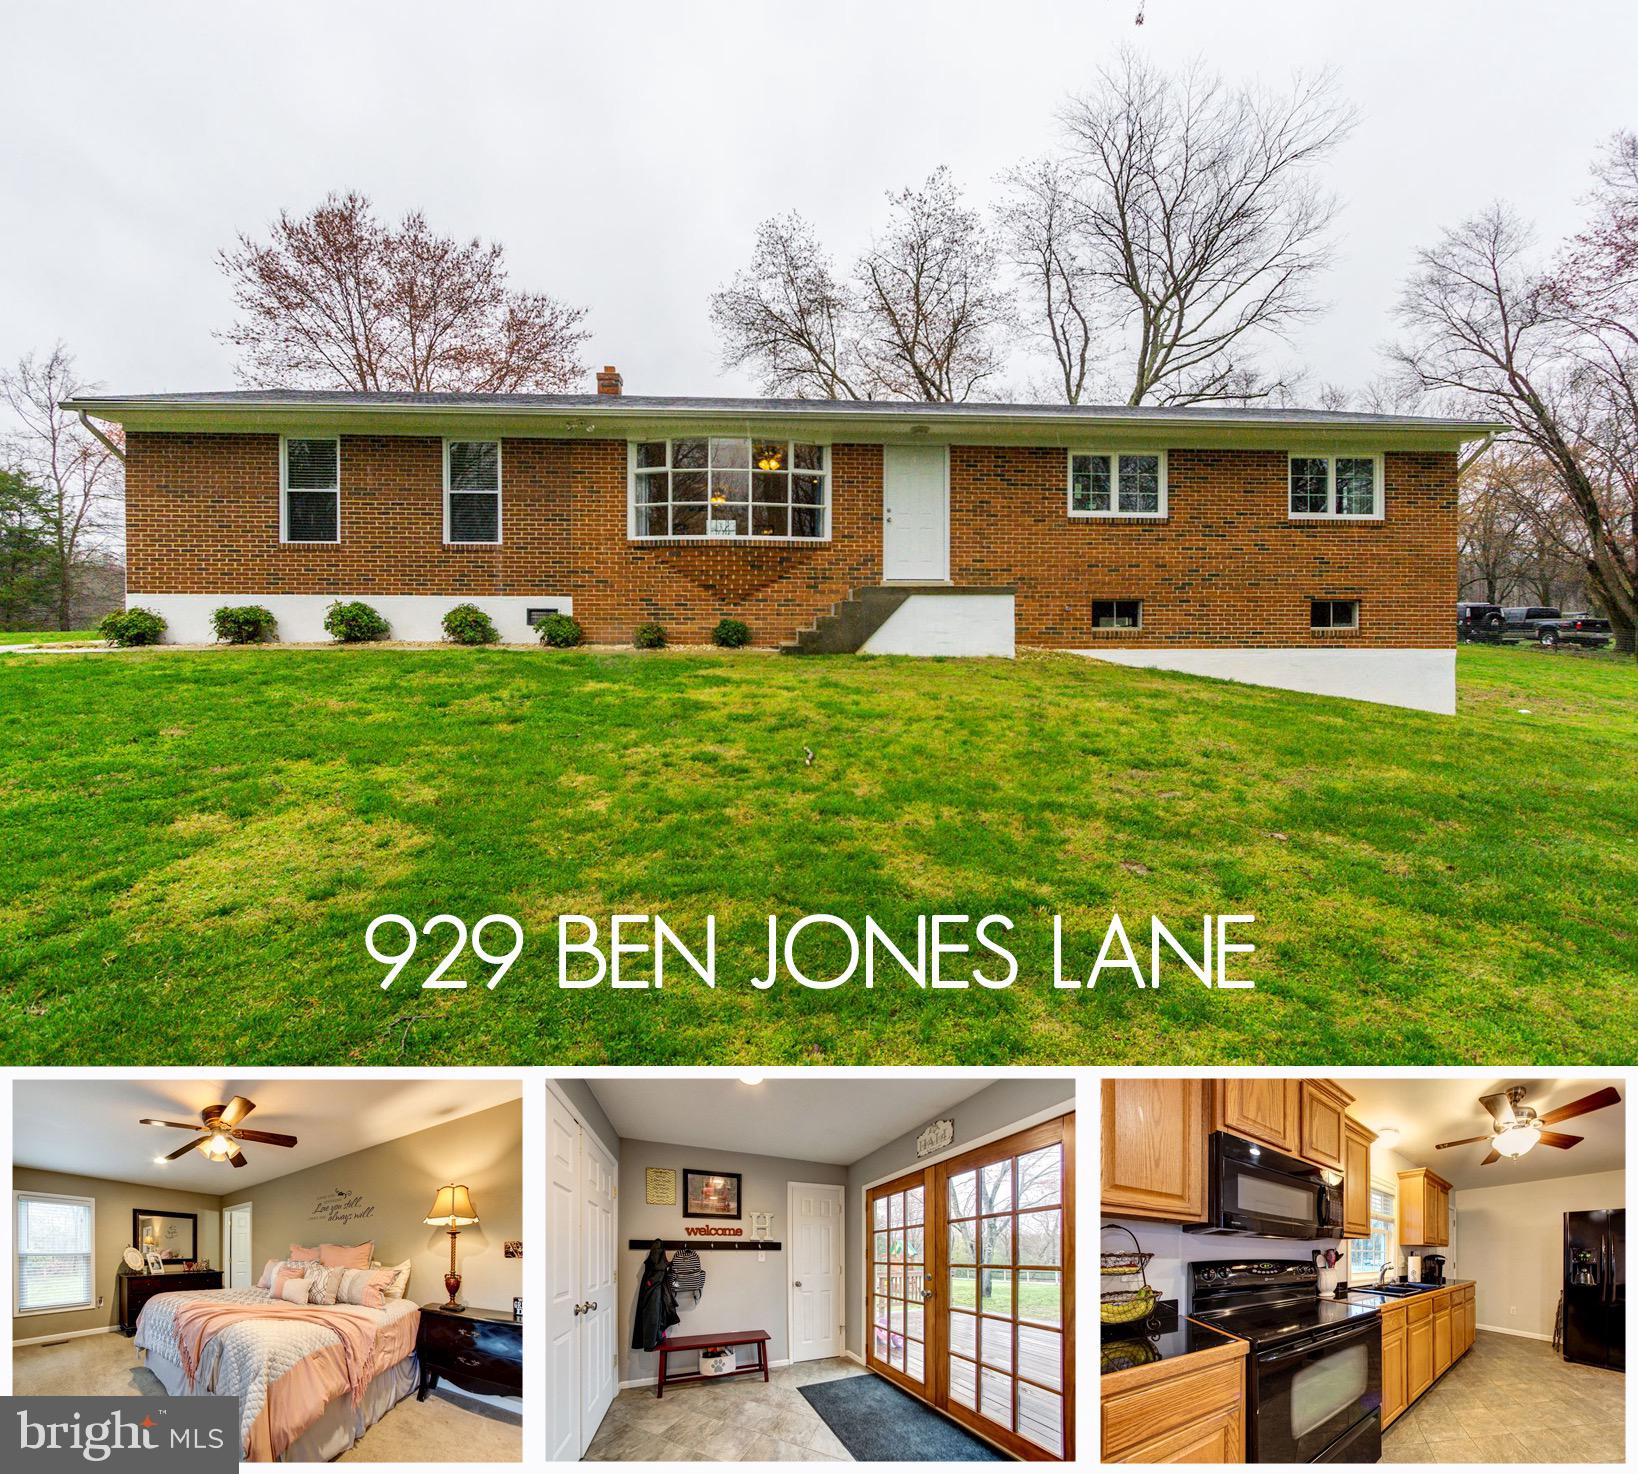 929 BEN JONES LANE, LOTHIAN, MD 20711